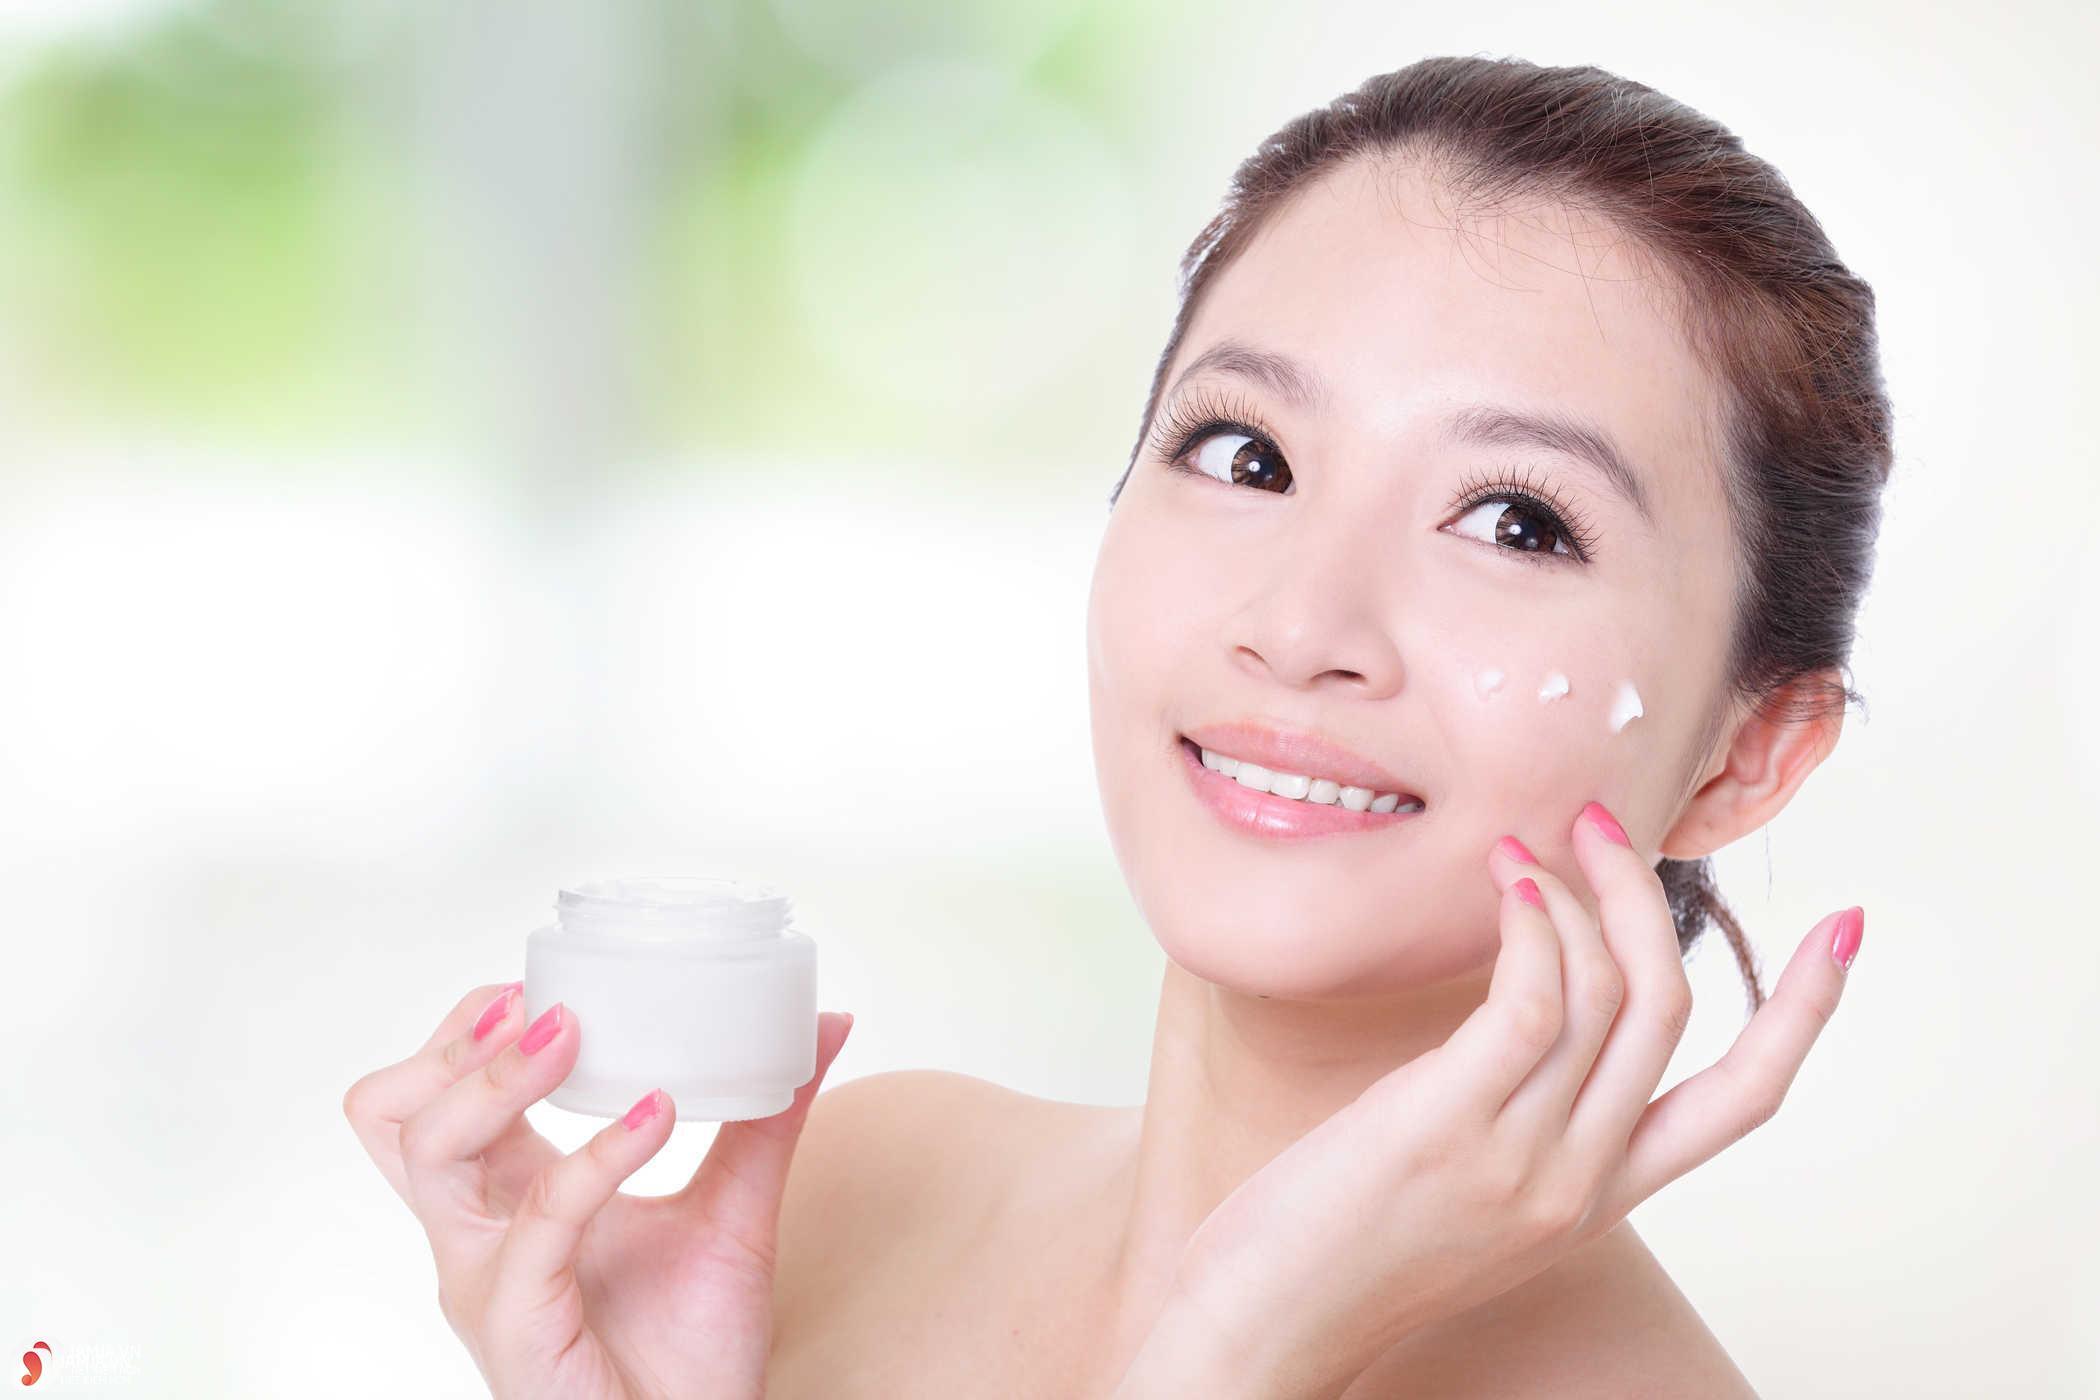 bí kíp để lựa chọn kem dưỡng phù hợp với da mặt